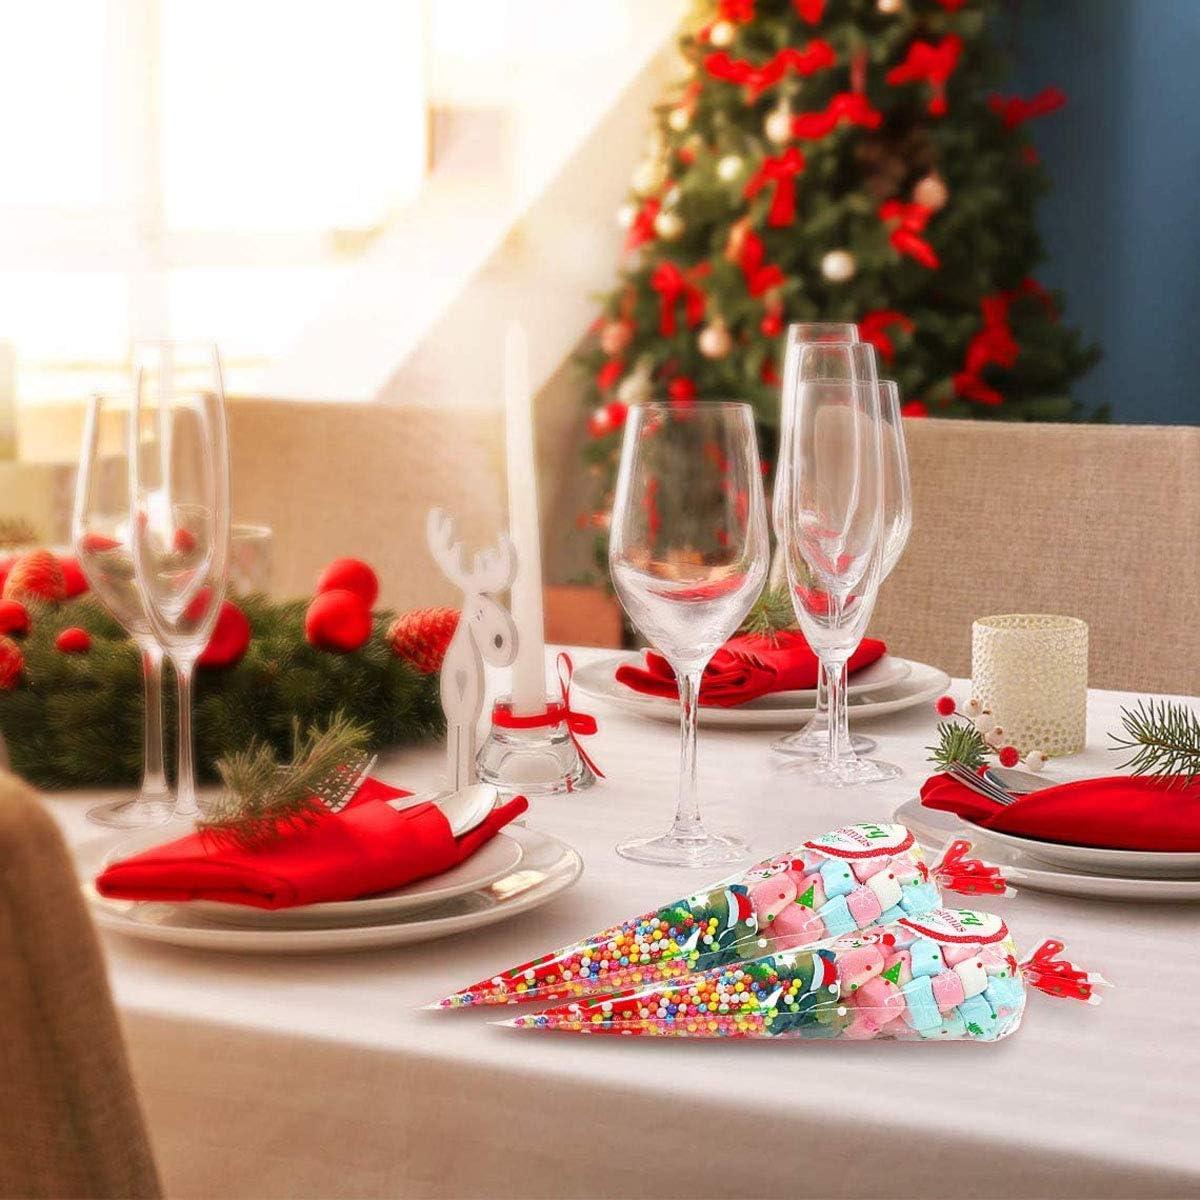 100 Piezas Bolsas de Cono,Bolsa de Dulce de Navidad Bolsas de Cono Transparentes con 100 Piezas Lazos Giratorios para Favores de Fiesta de Navidad B